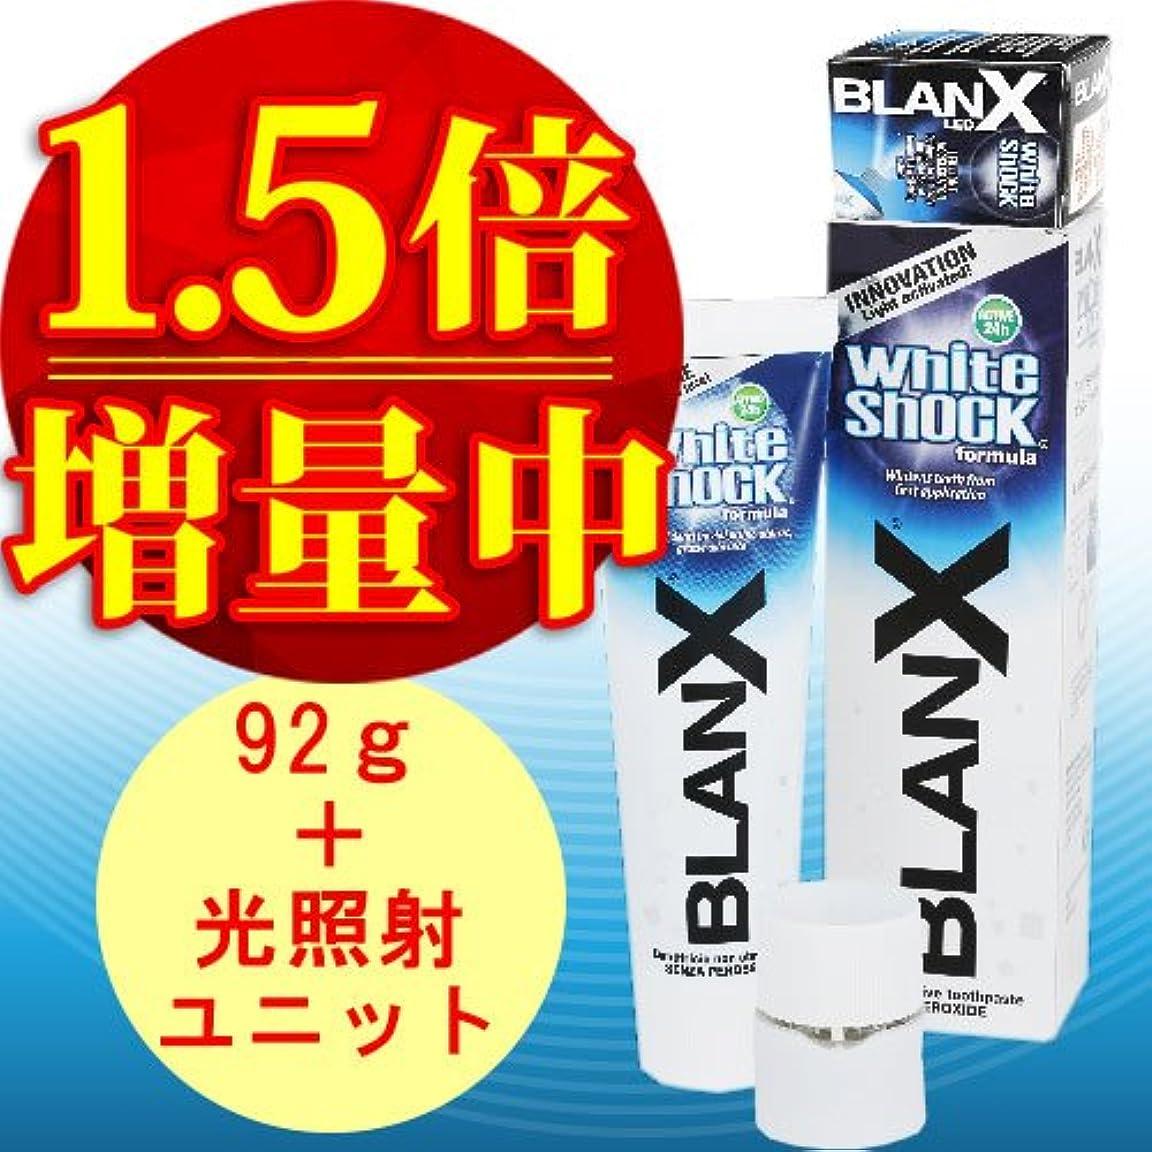 フォージ砂利アクセスできないBLANX(ブランクス) WHITESHOCK(ホワイトショック) 単品92g + LED照射ユニット付